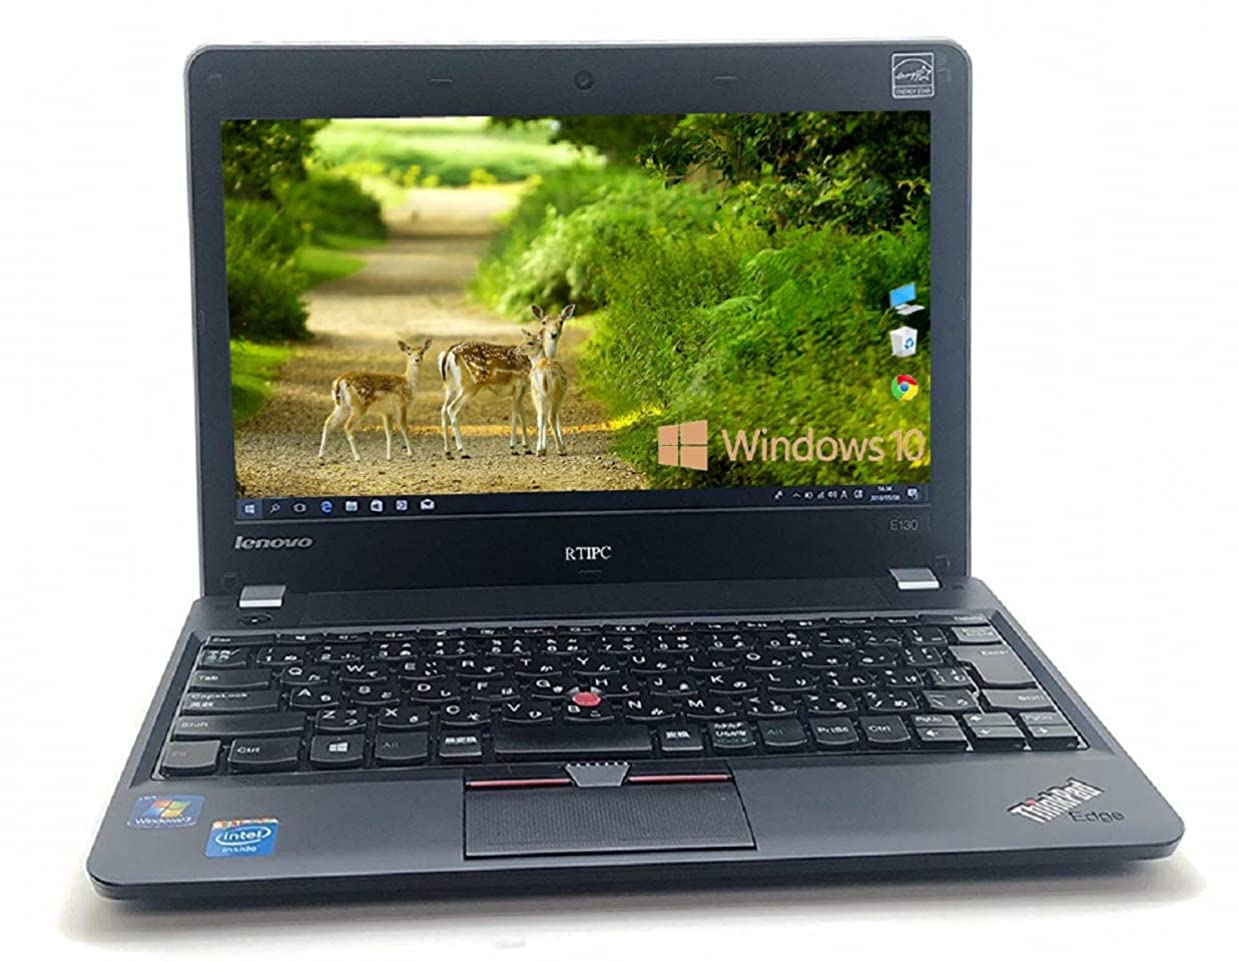 差し引くルーキー評判中古 Lenovo English Laptop Computer Intel Celeron, 4 GB, 320 GB, Windows 10, Used, E130